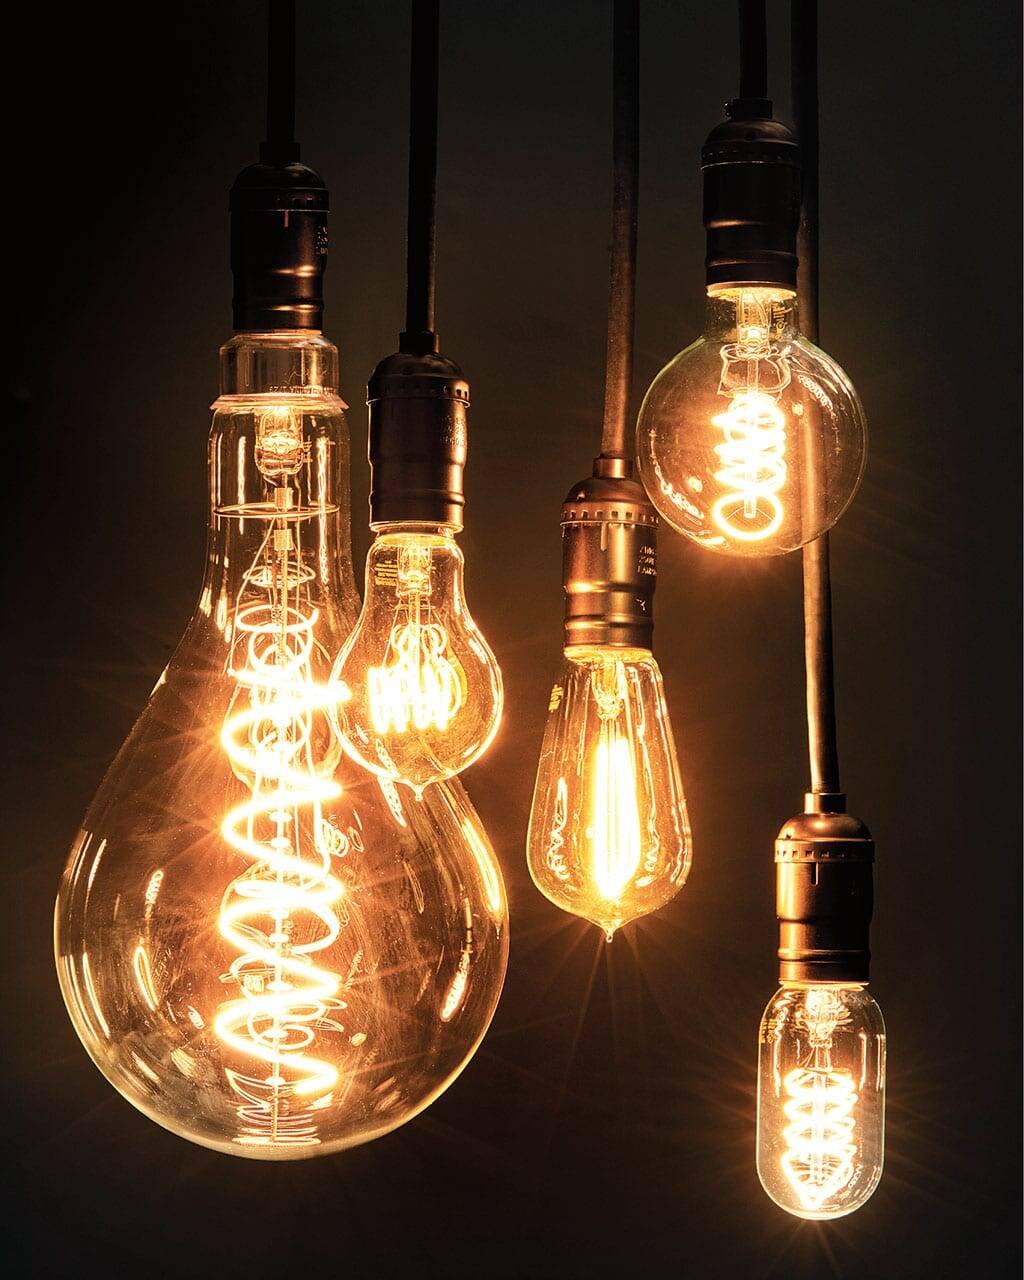 二次封装LED灯具的优势及产品应用领域